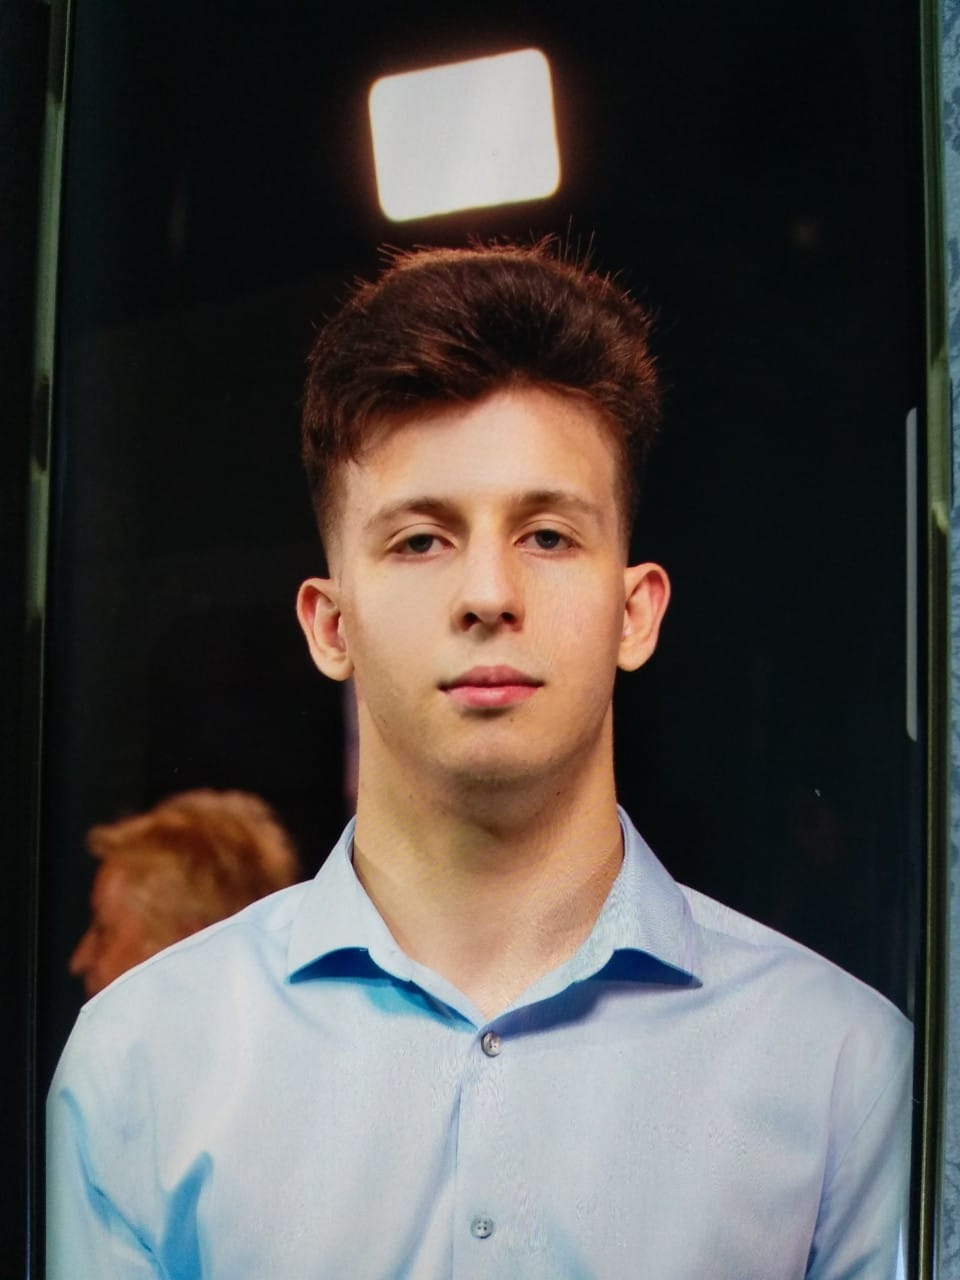 Спустя месяц в Днепропетровской области нашли тело 18-летнего Дмитрия Куприя | Прихист